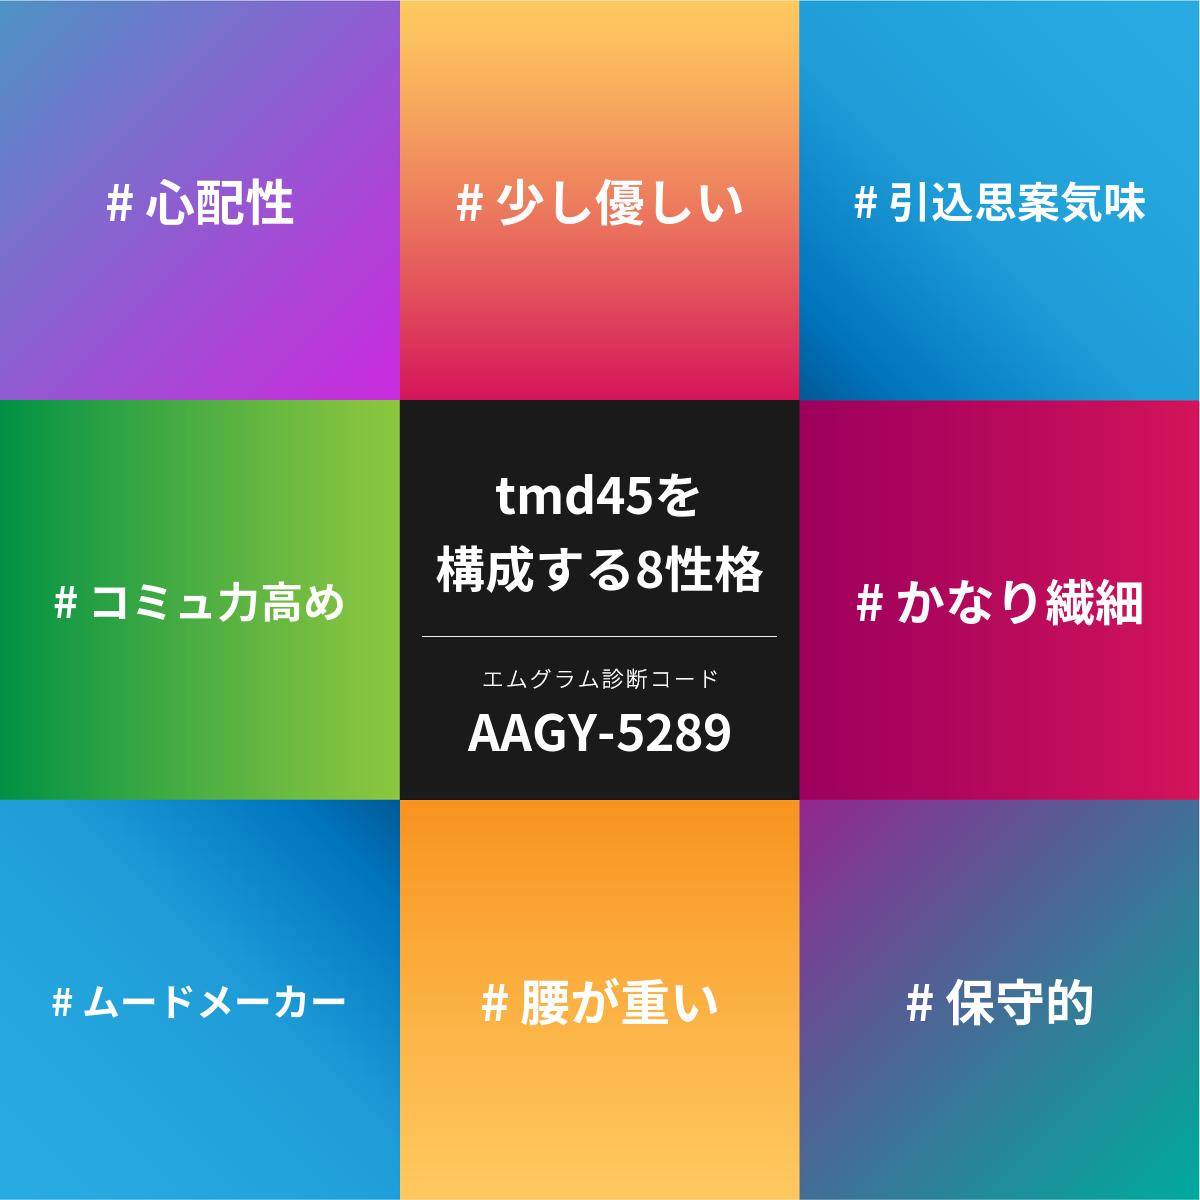 f:id:tmd45:20200203235507p:plain:w250